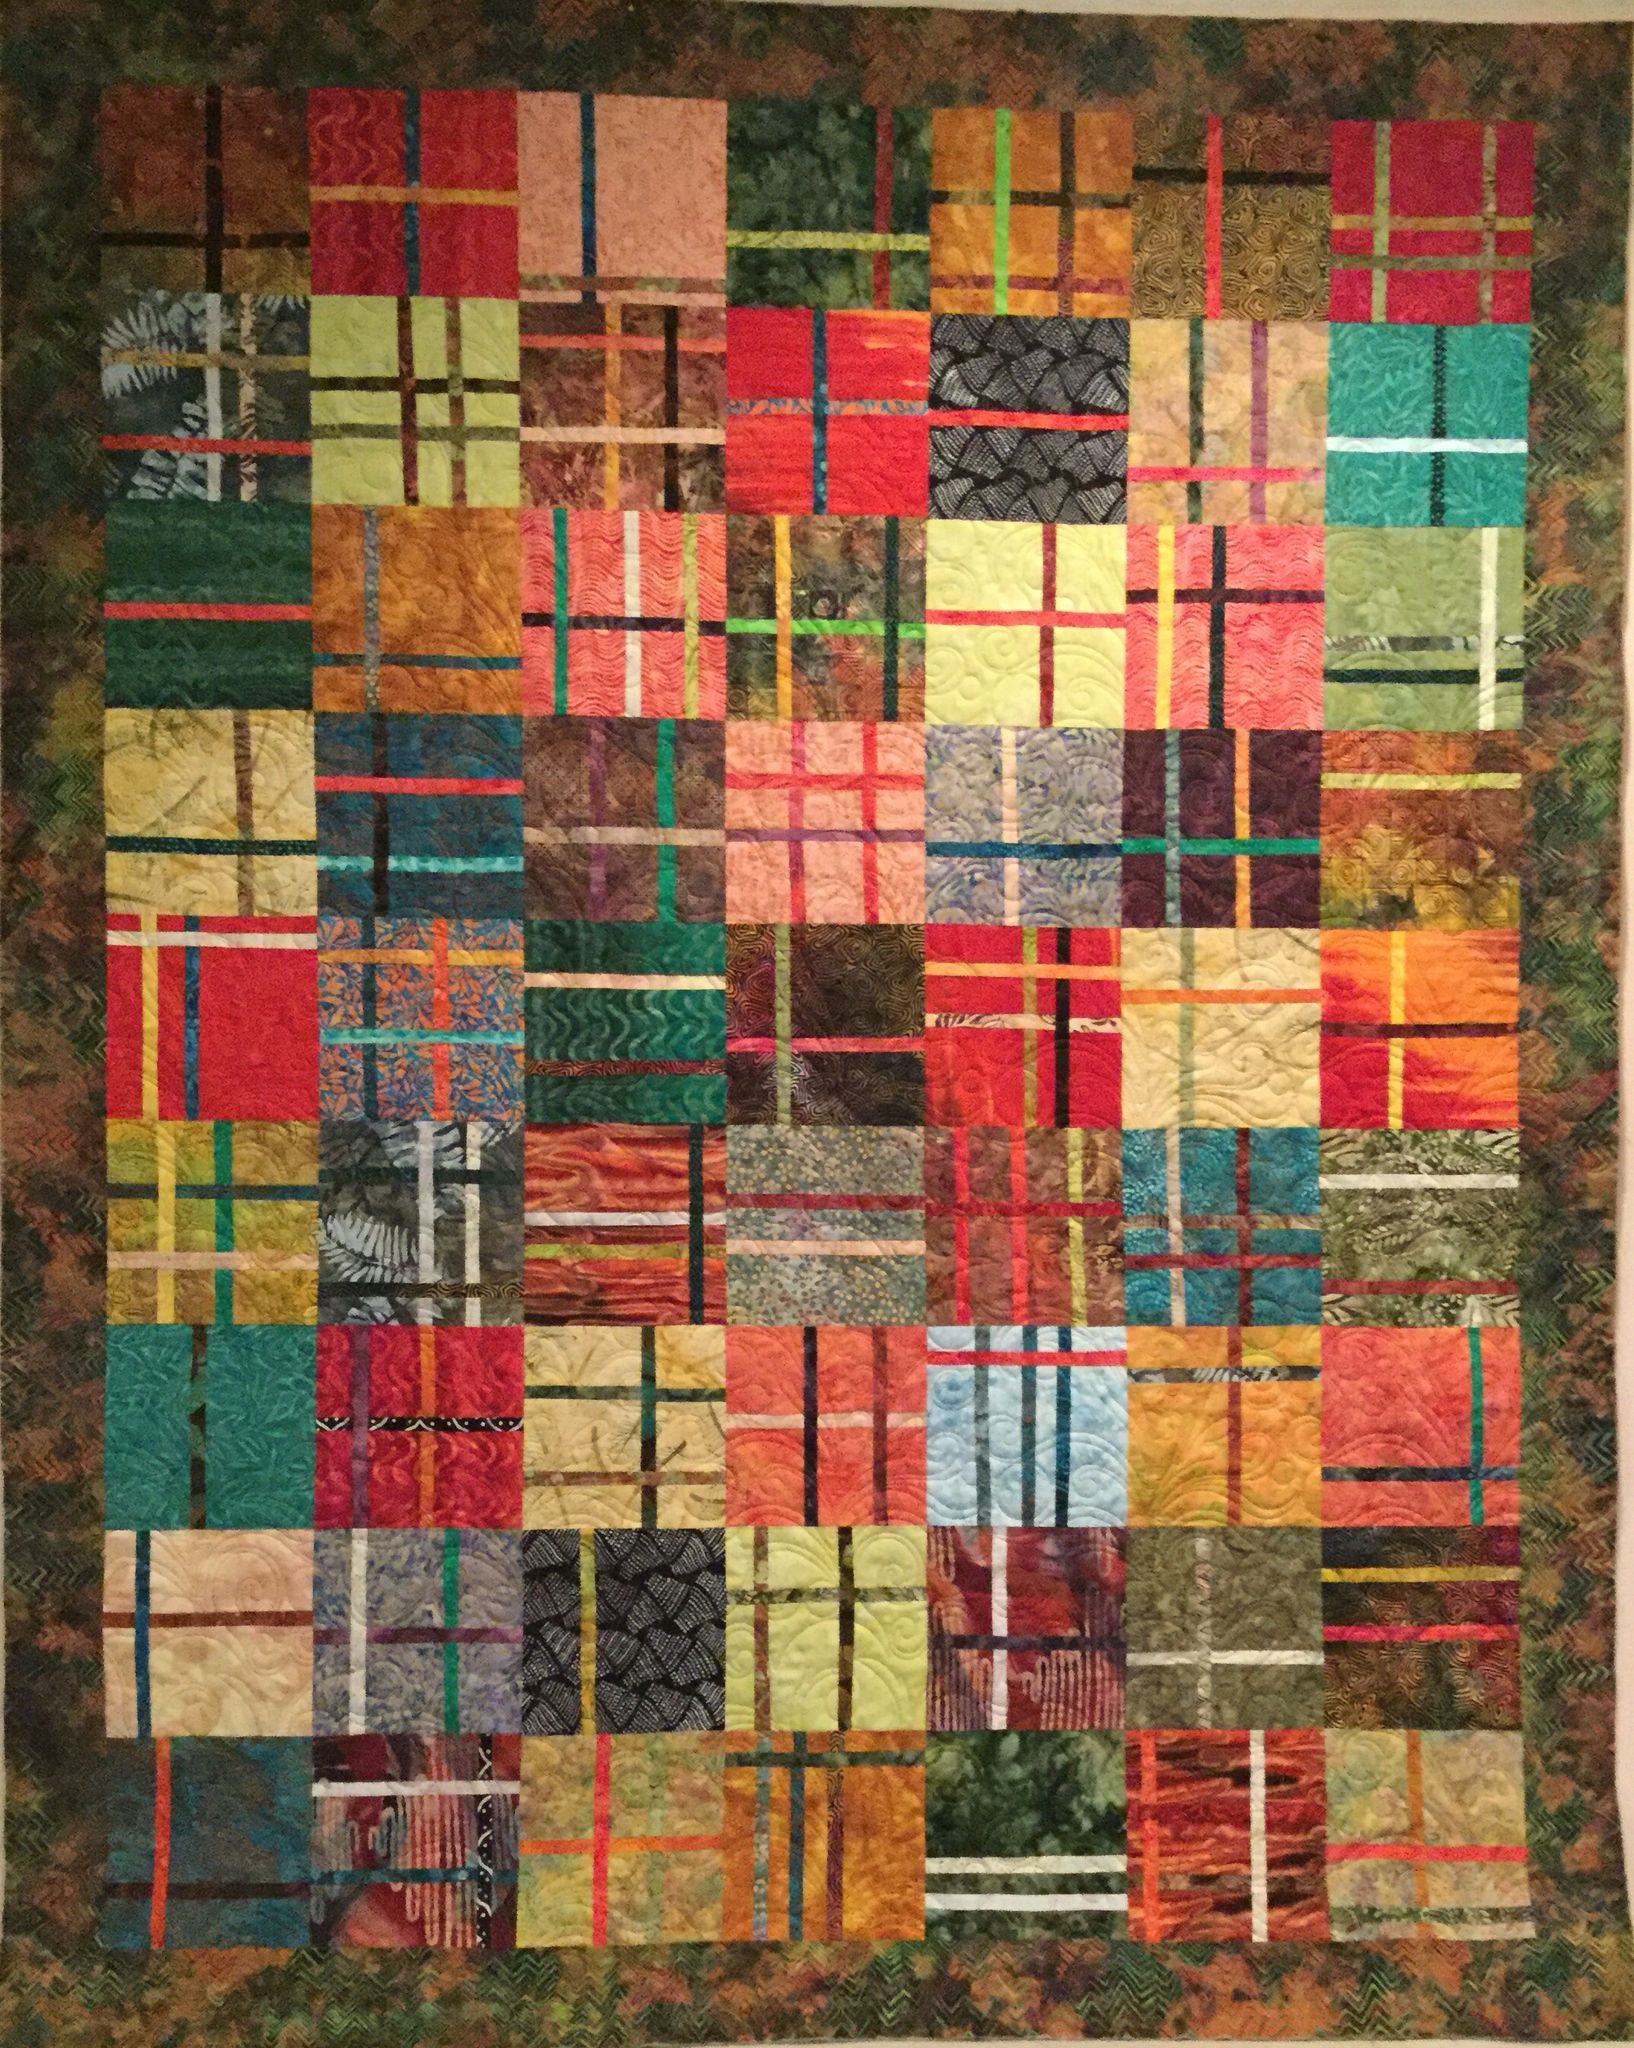 Batik Quilt Cranberry Chutney Pattern With Images Quilts Batik Quilts Greendale